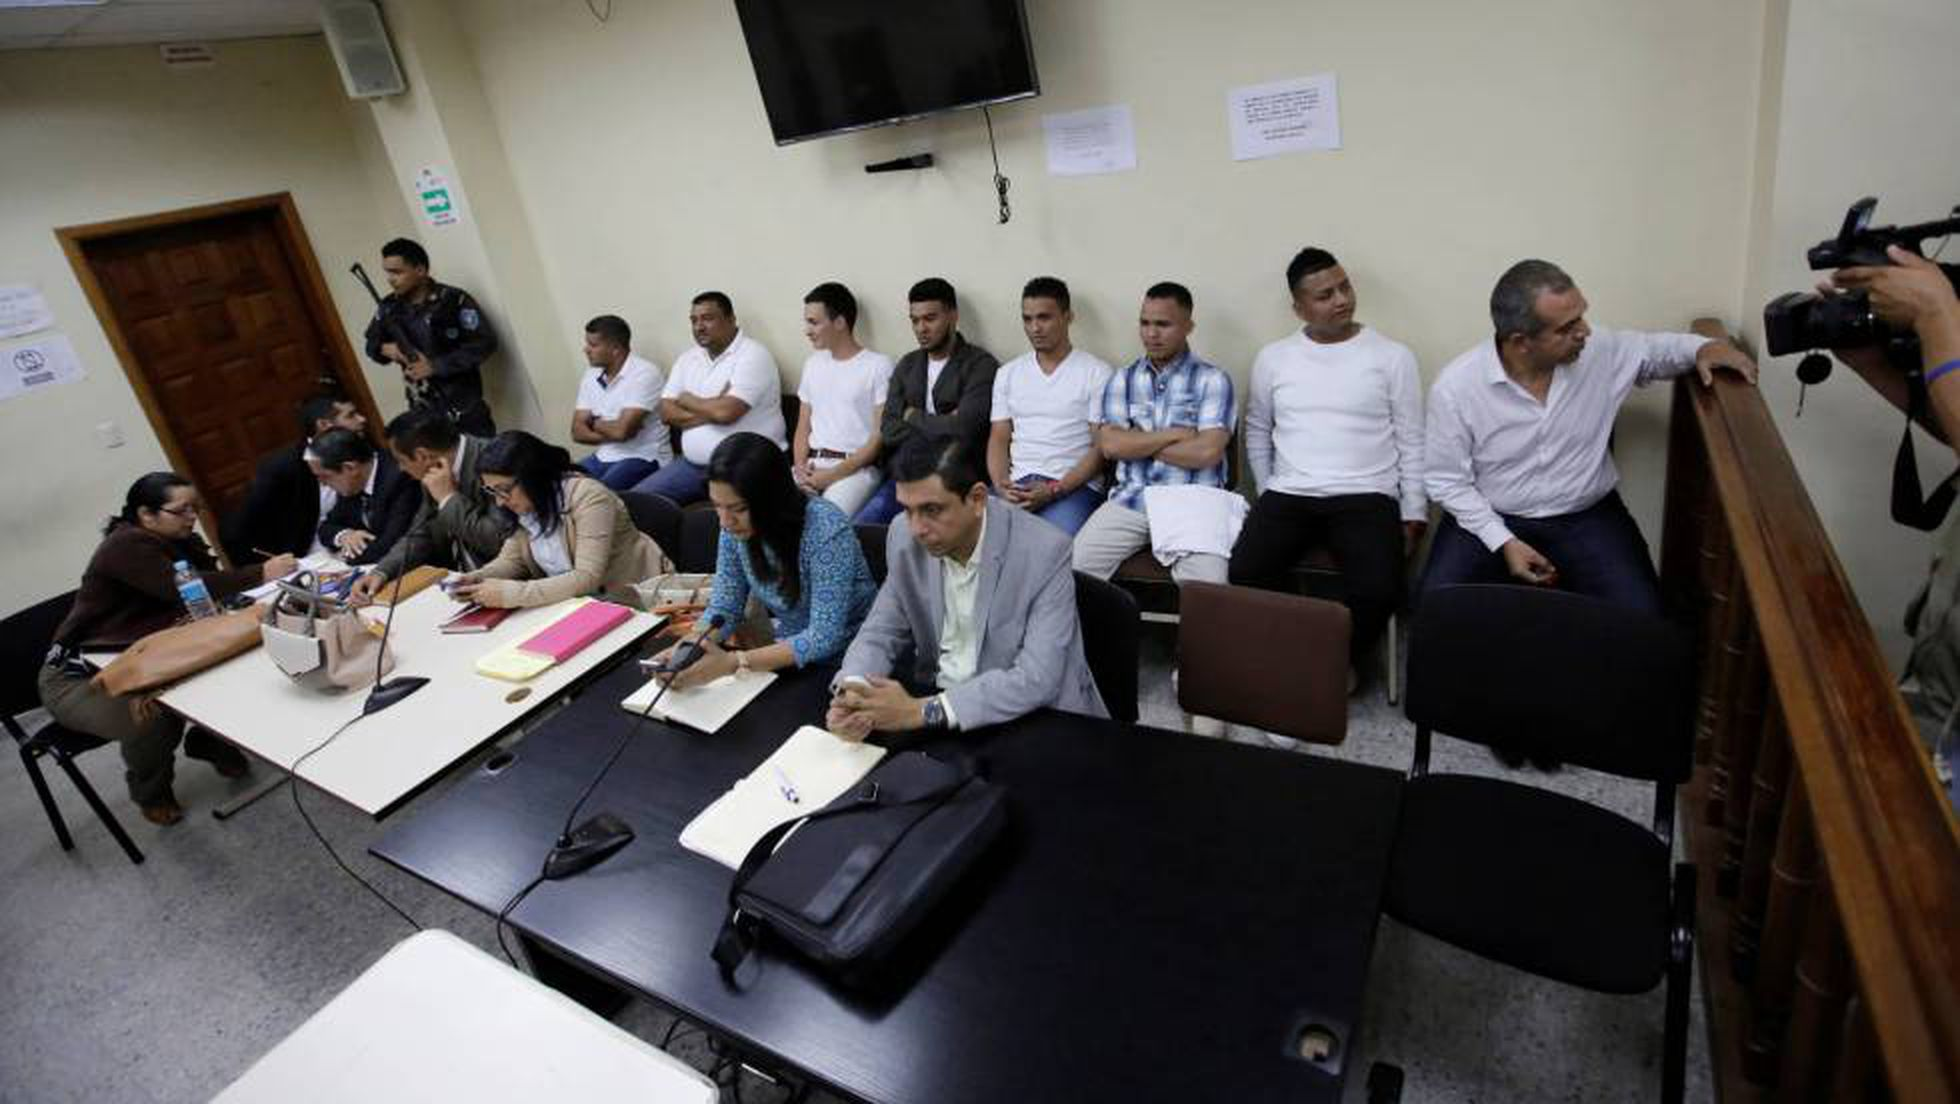 El juicio de Berta Cáceres: siete condenas y un sabor agridulce   America   EL PAÍS